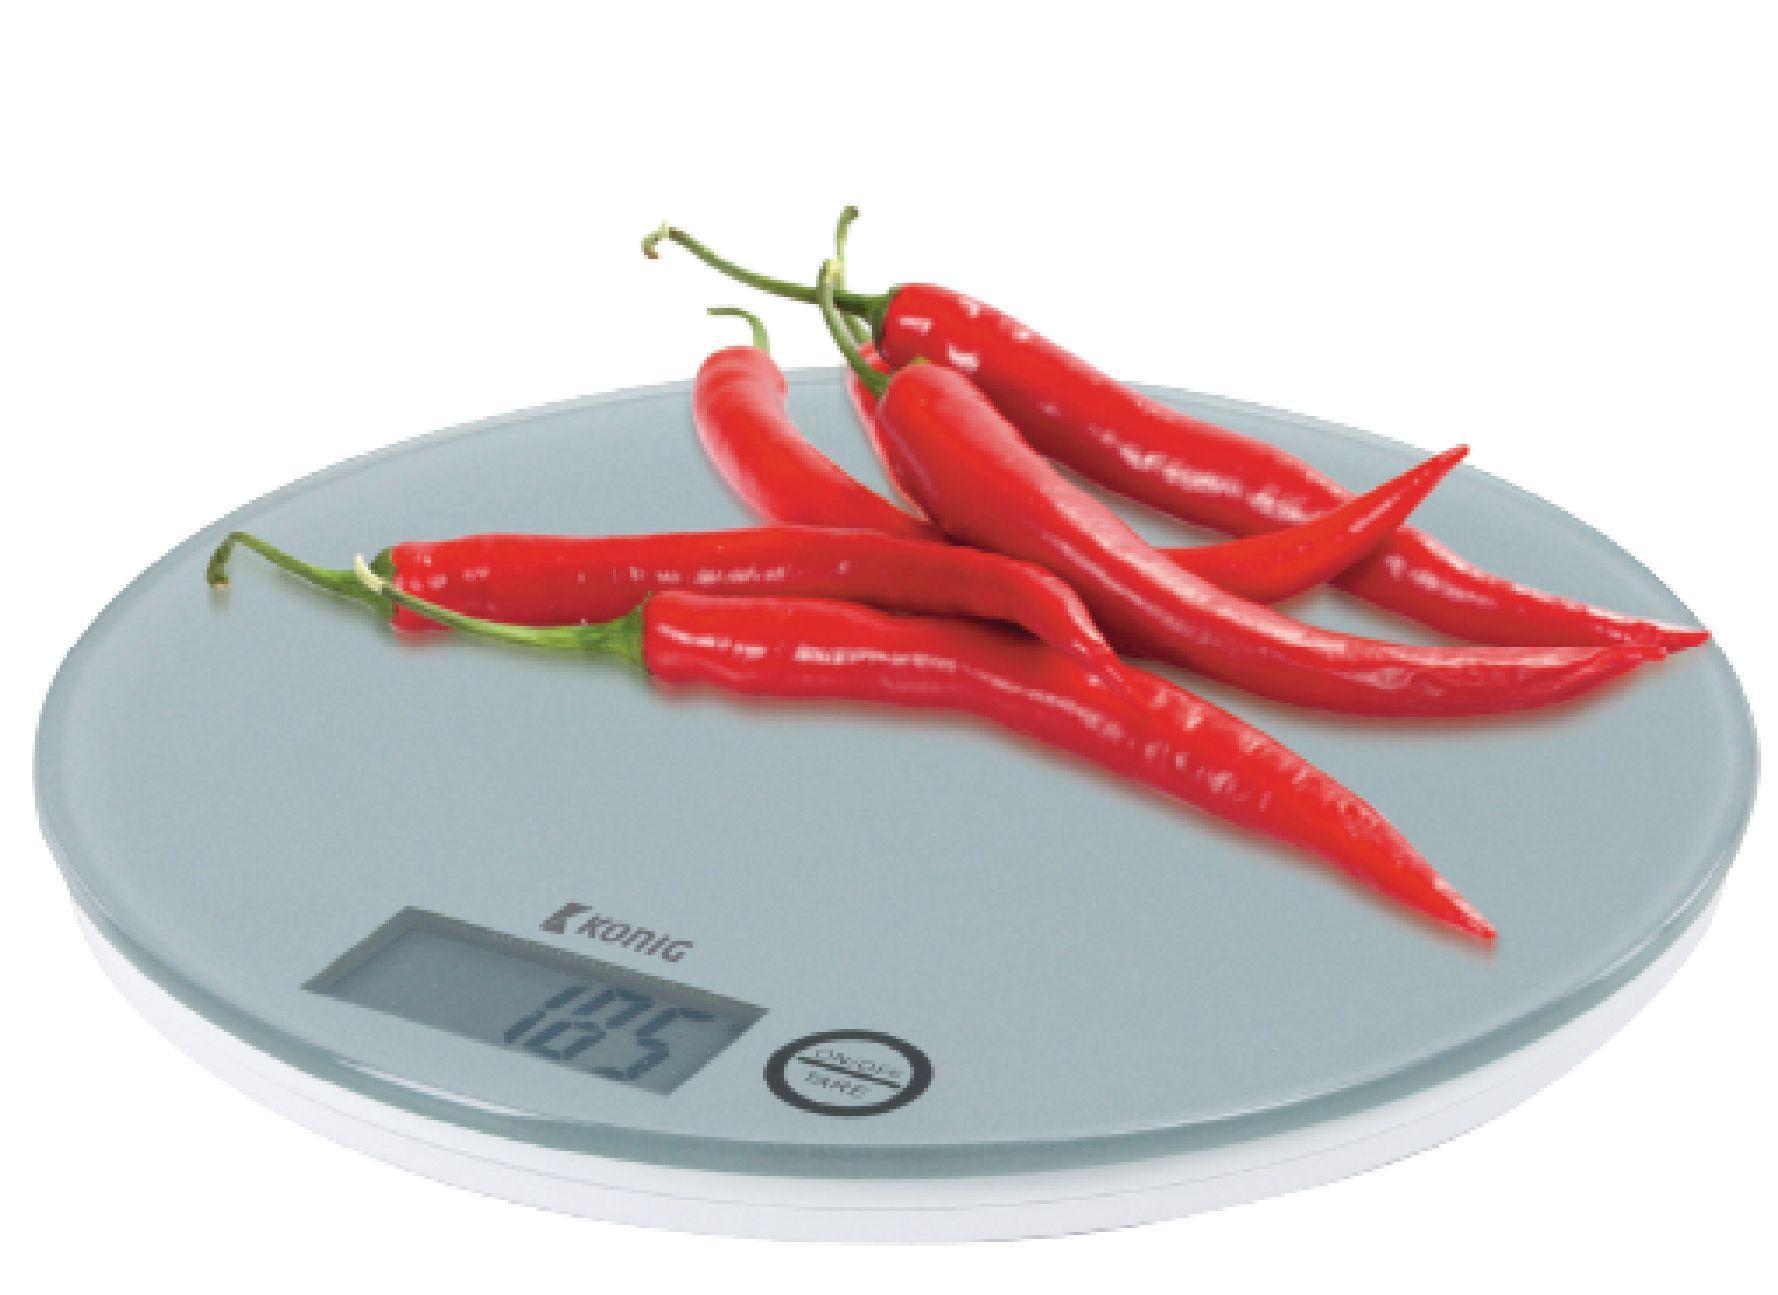 Kuchyňská digitální skleněná váha bílá König, HC-KS23N